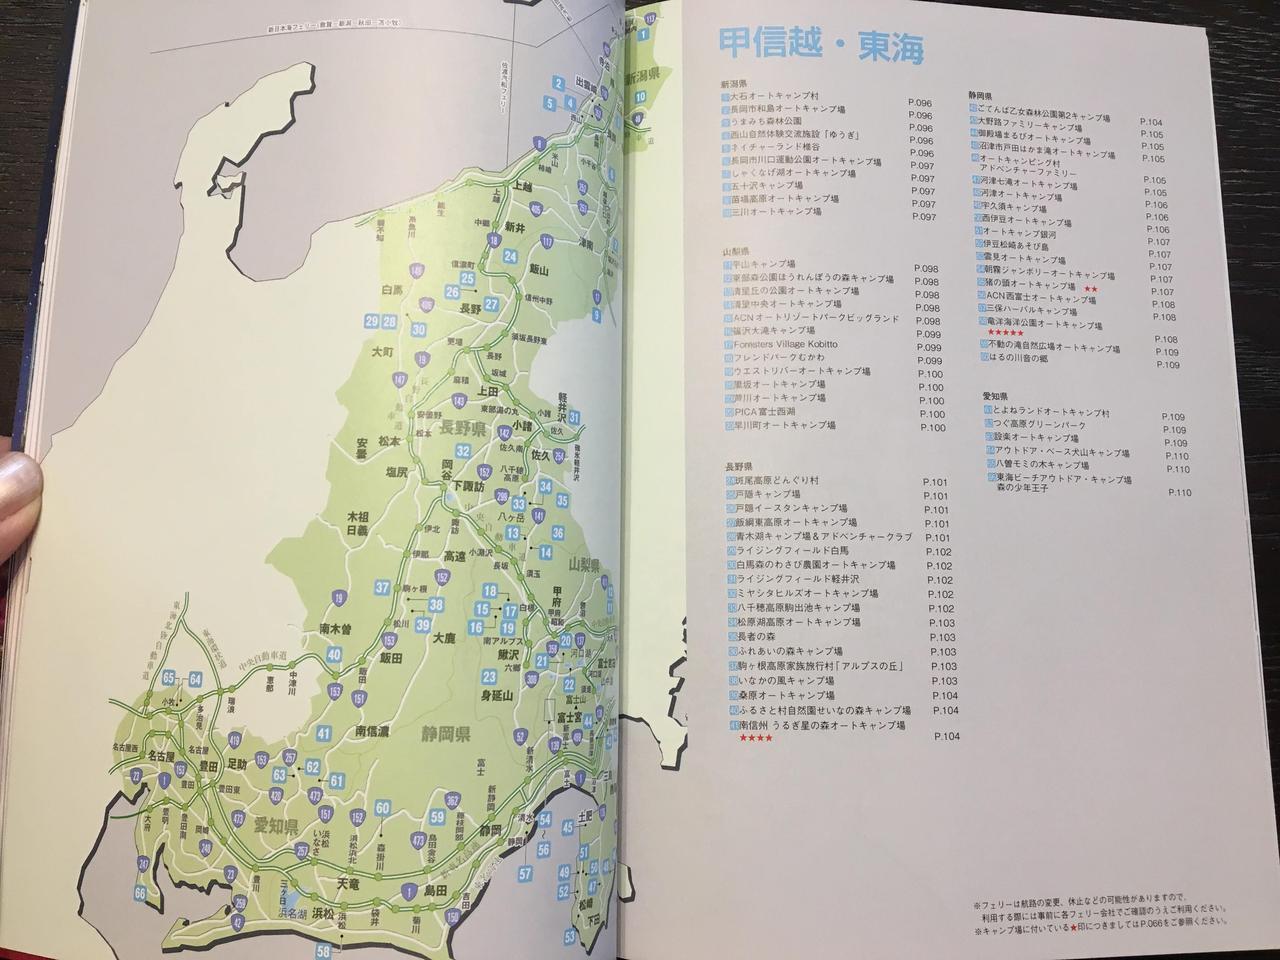 画像: 一般社団法人 日本オートキャンプ協会 発行「オートキャンプハンドブック&ロケーションガイド」